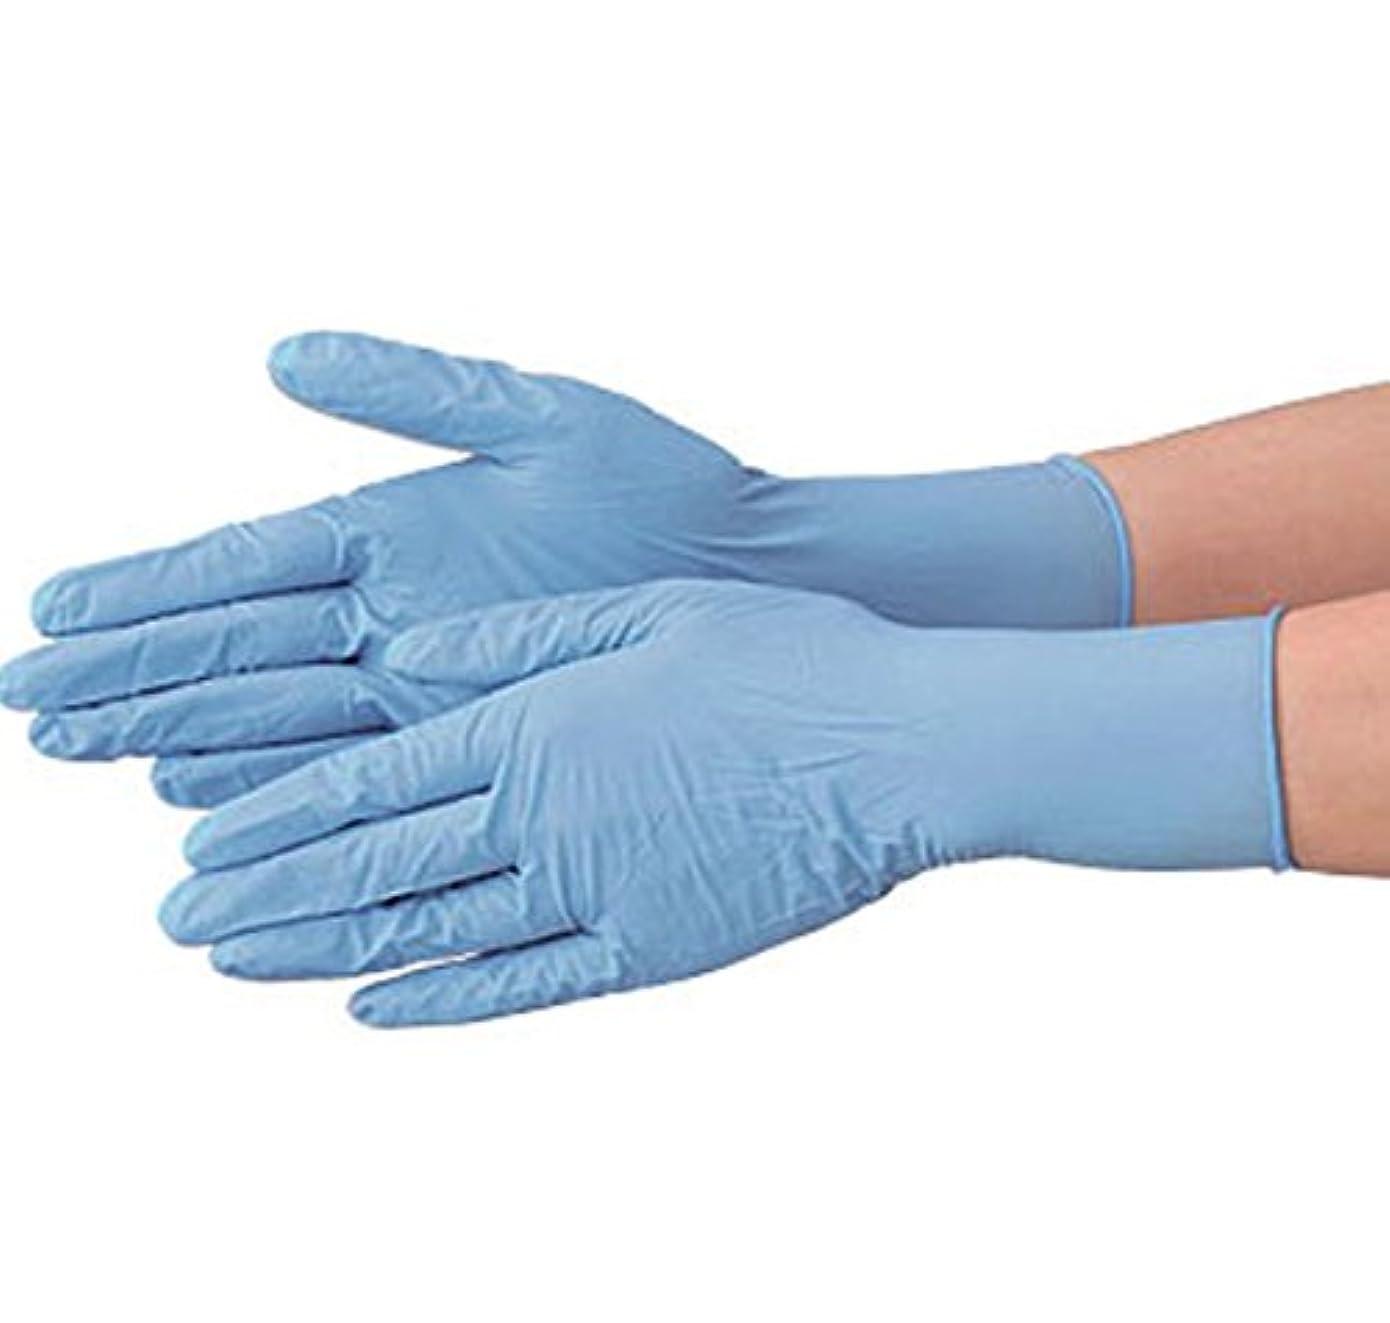 こねるインフラ前兆使い捨て 手袋 エブノ 575 ニトリルNEOプラス ブルー Mサイズ パウダーフリー 2ケース(100枚×40箱)